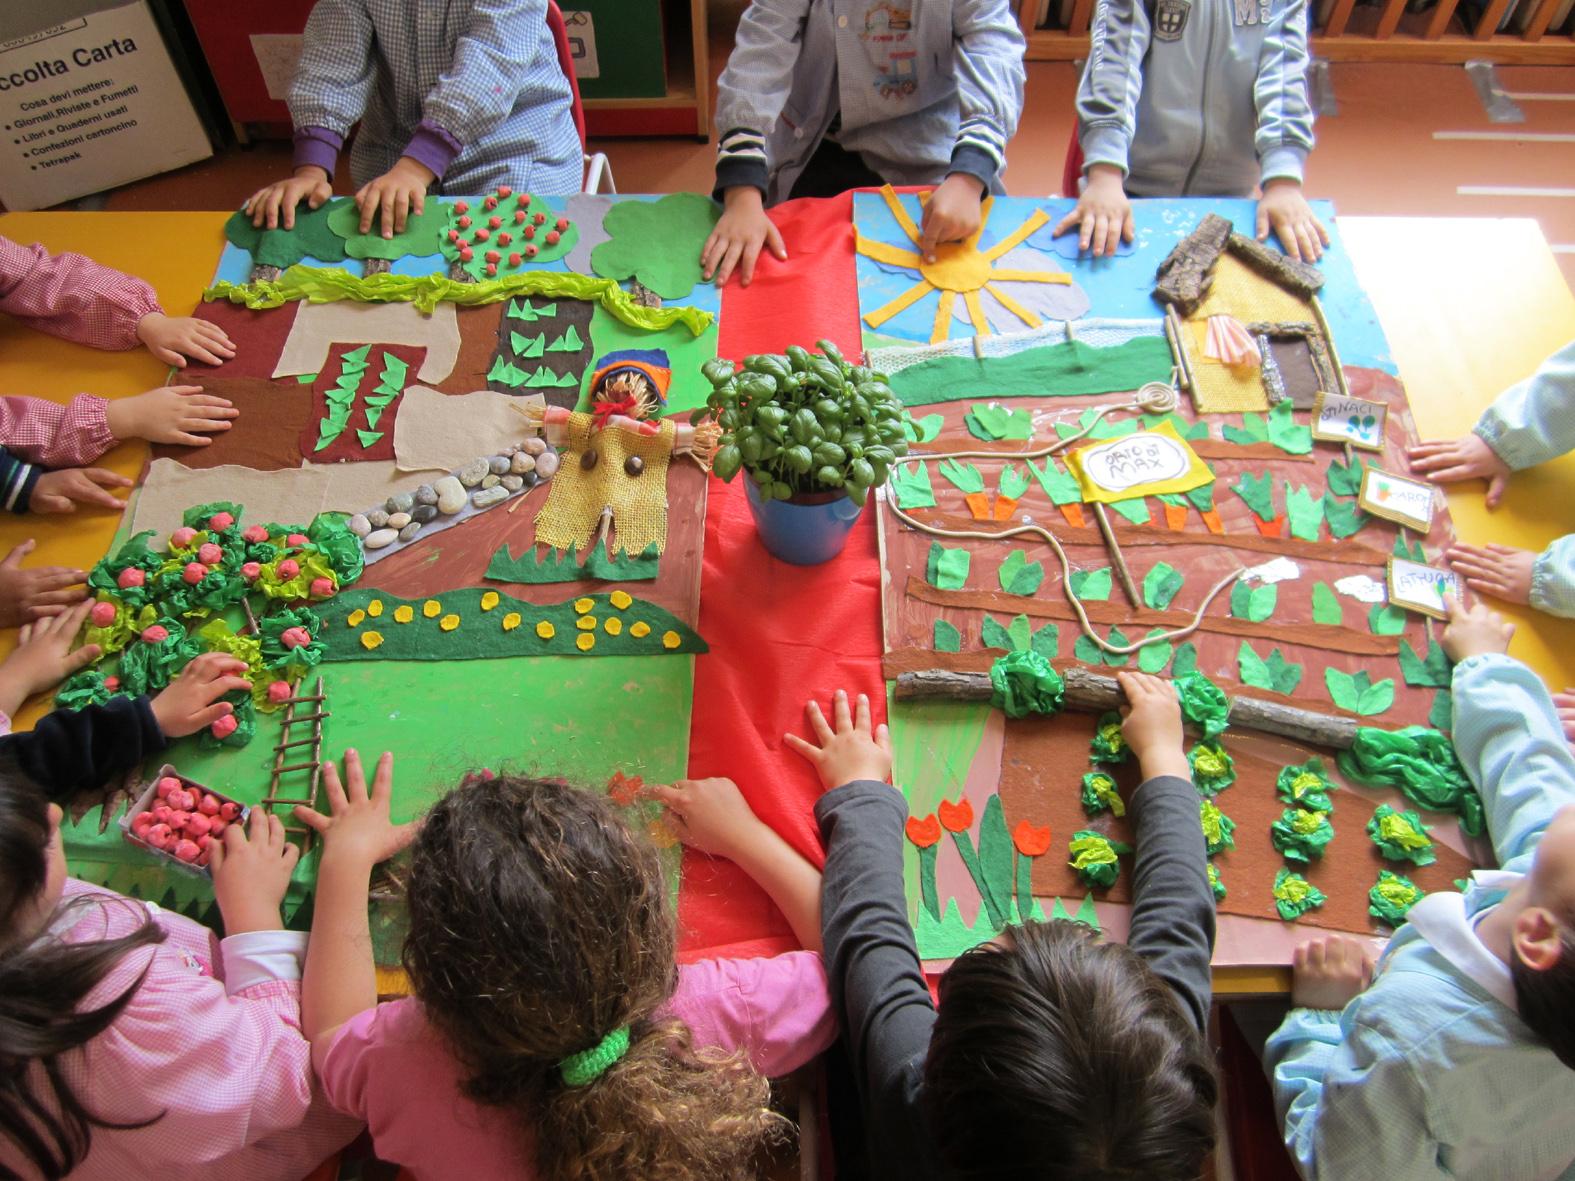 Rosolini, asilo nido: l'amministrazione anticipa 70 mila euro per gli stipendi